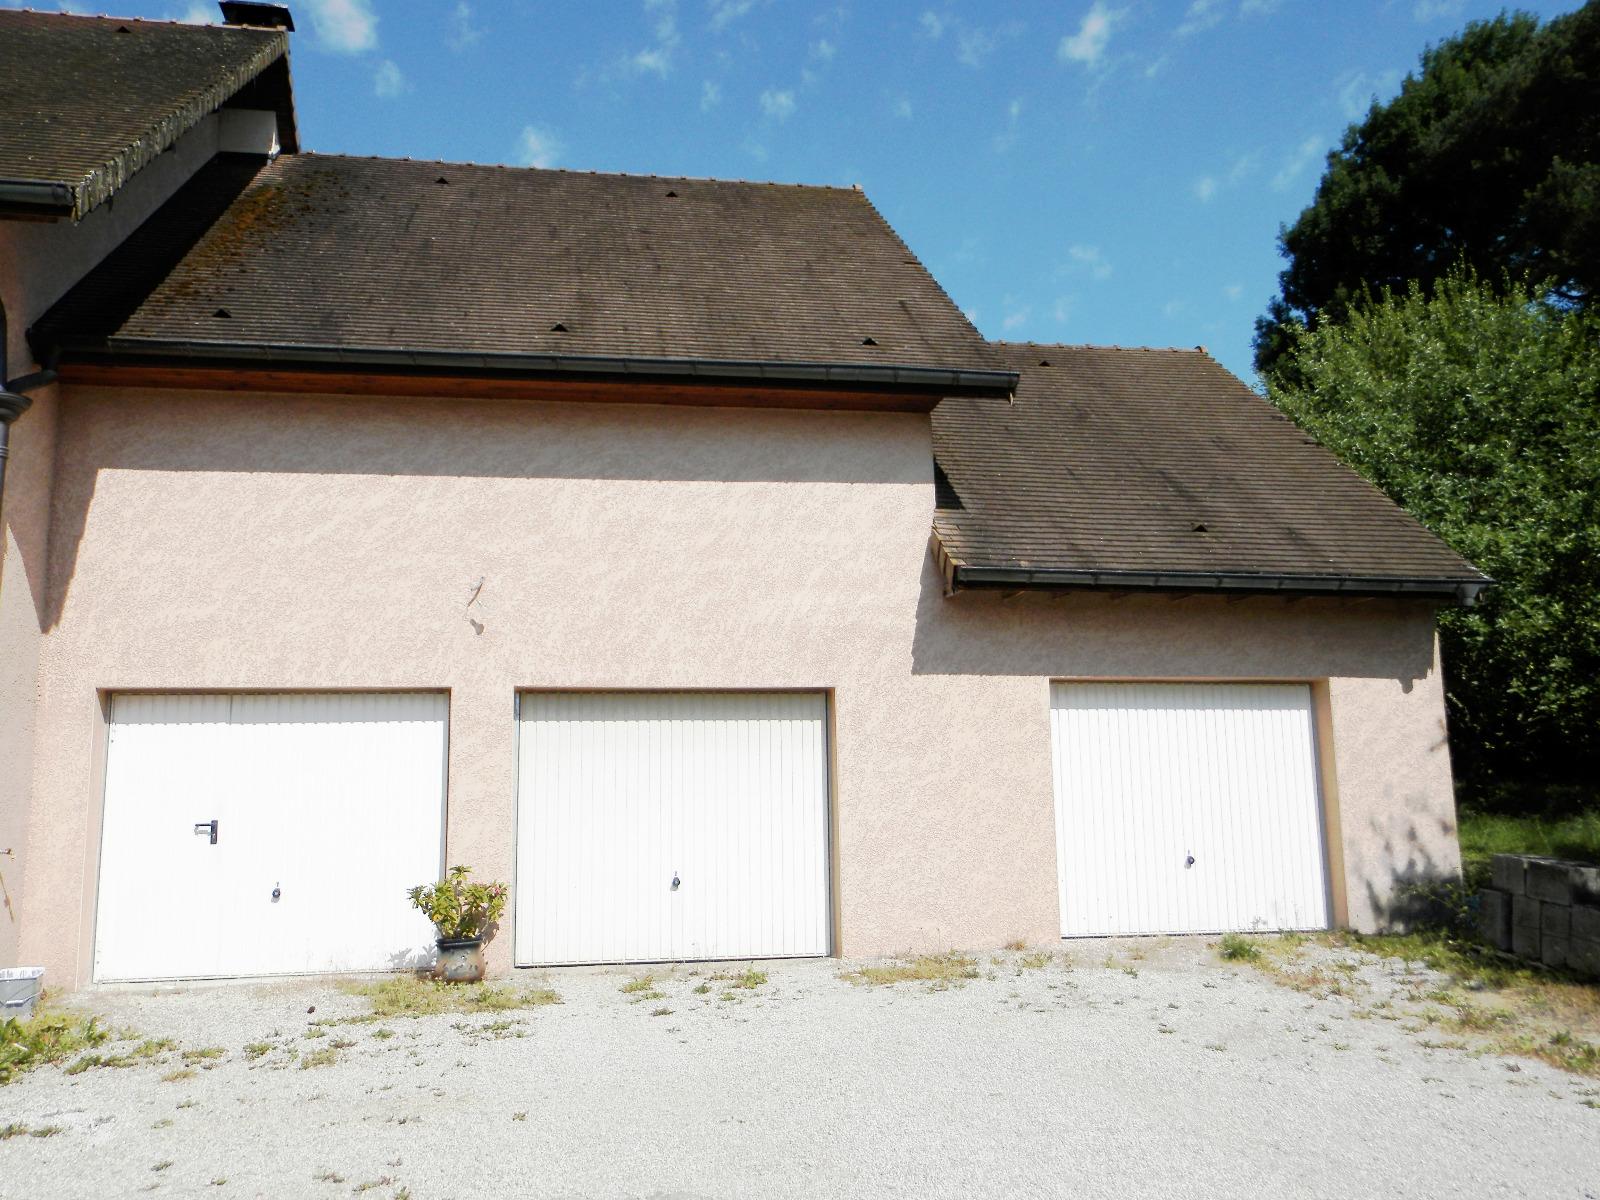 Vente proche lons le saunier 39 maison r cente de 140 for Garage bmw lons le saunier